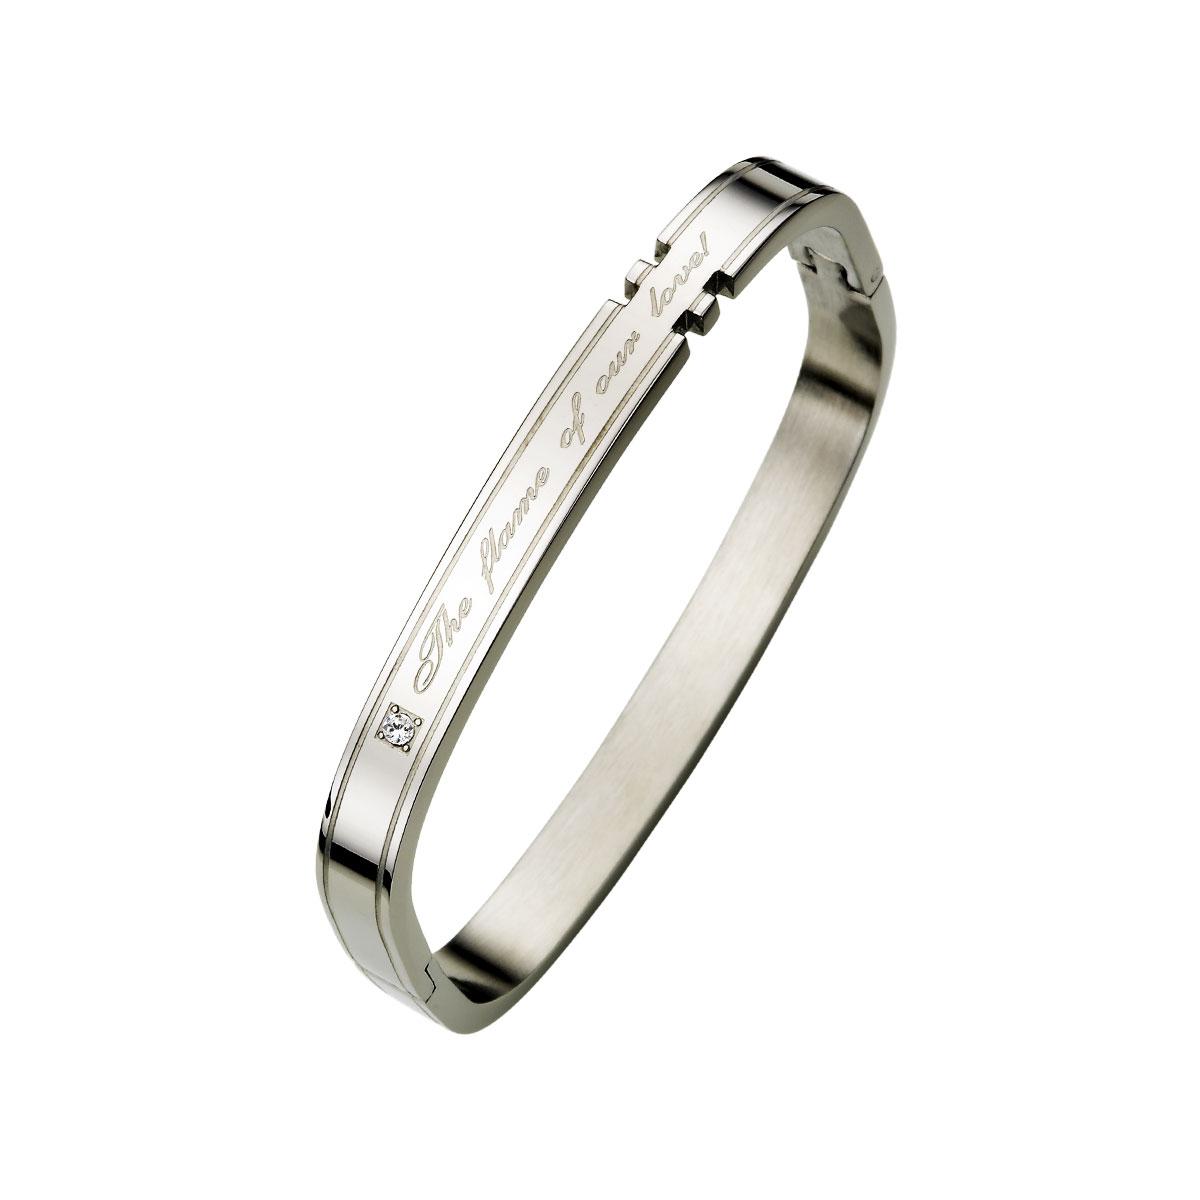 CIM48 經典時尚方型造型手環